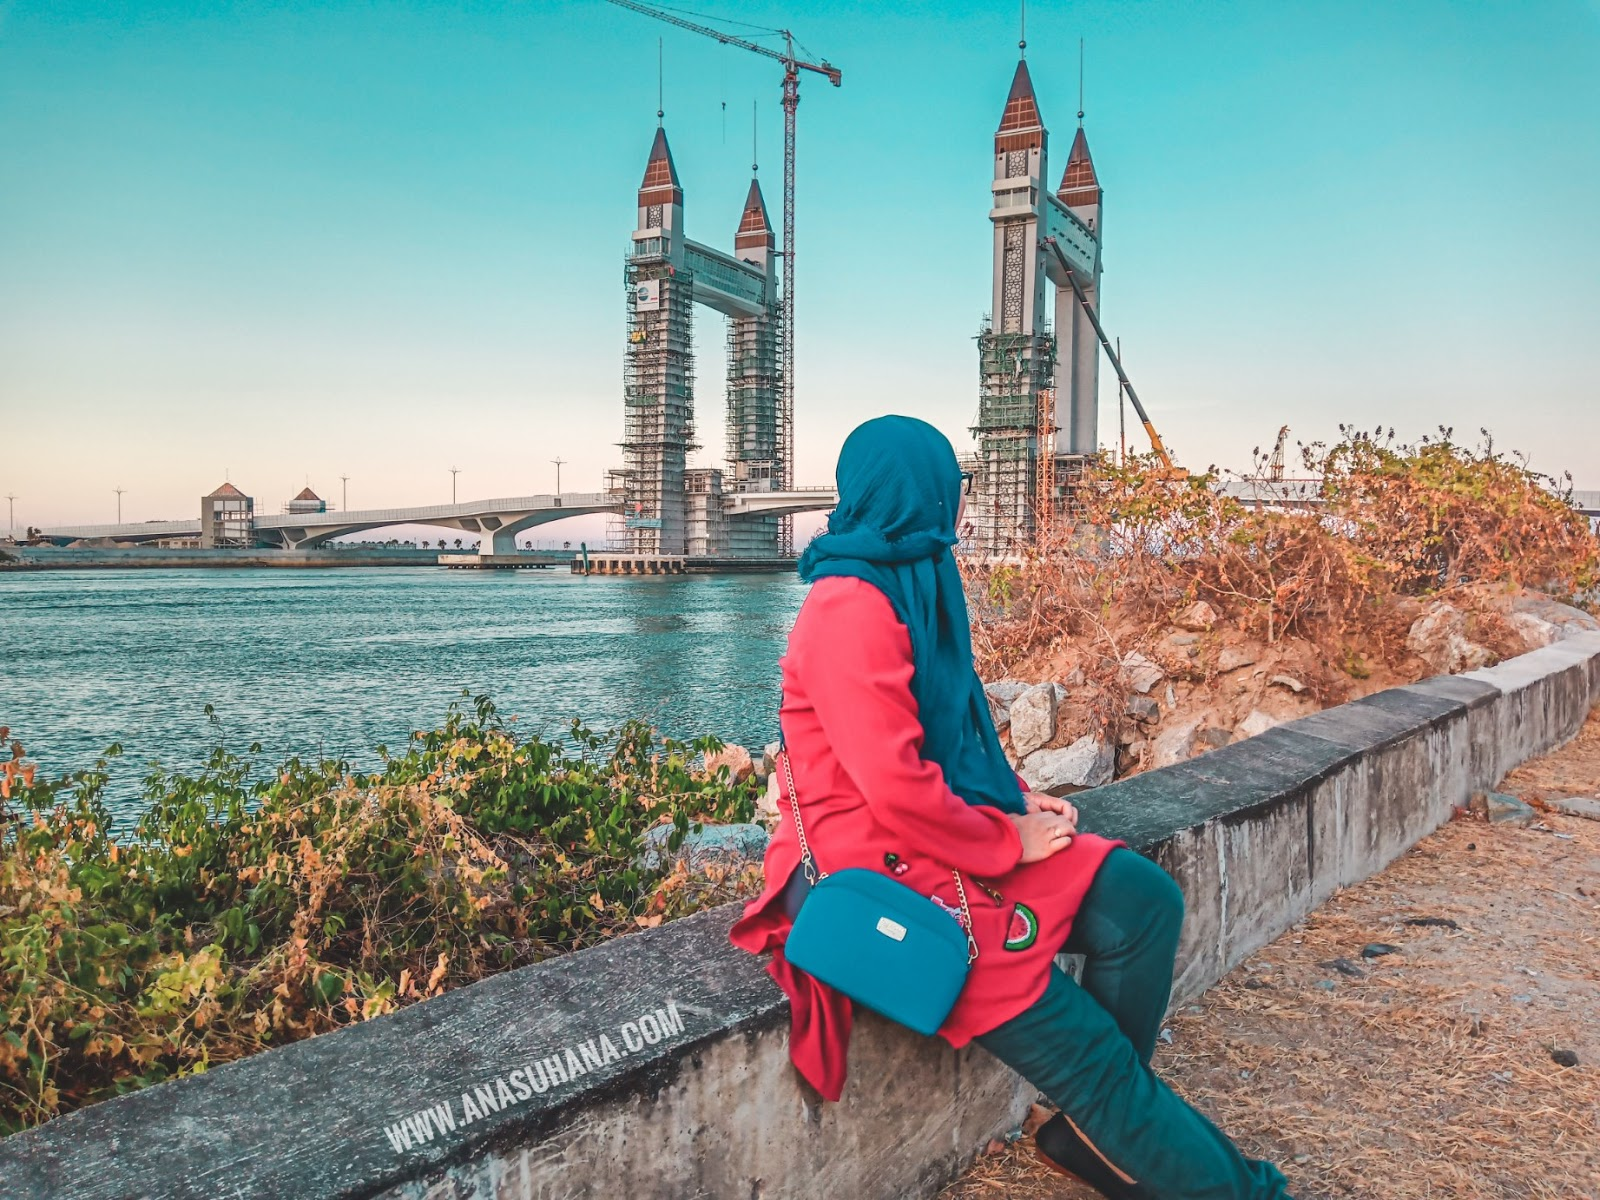 Terengganu Draw Bridge Ikon Ala London di Malaysia